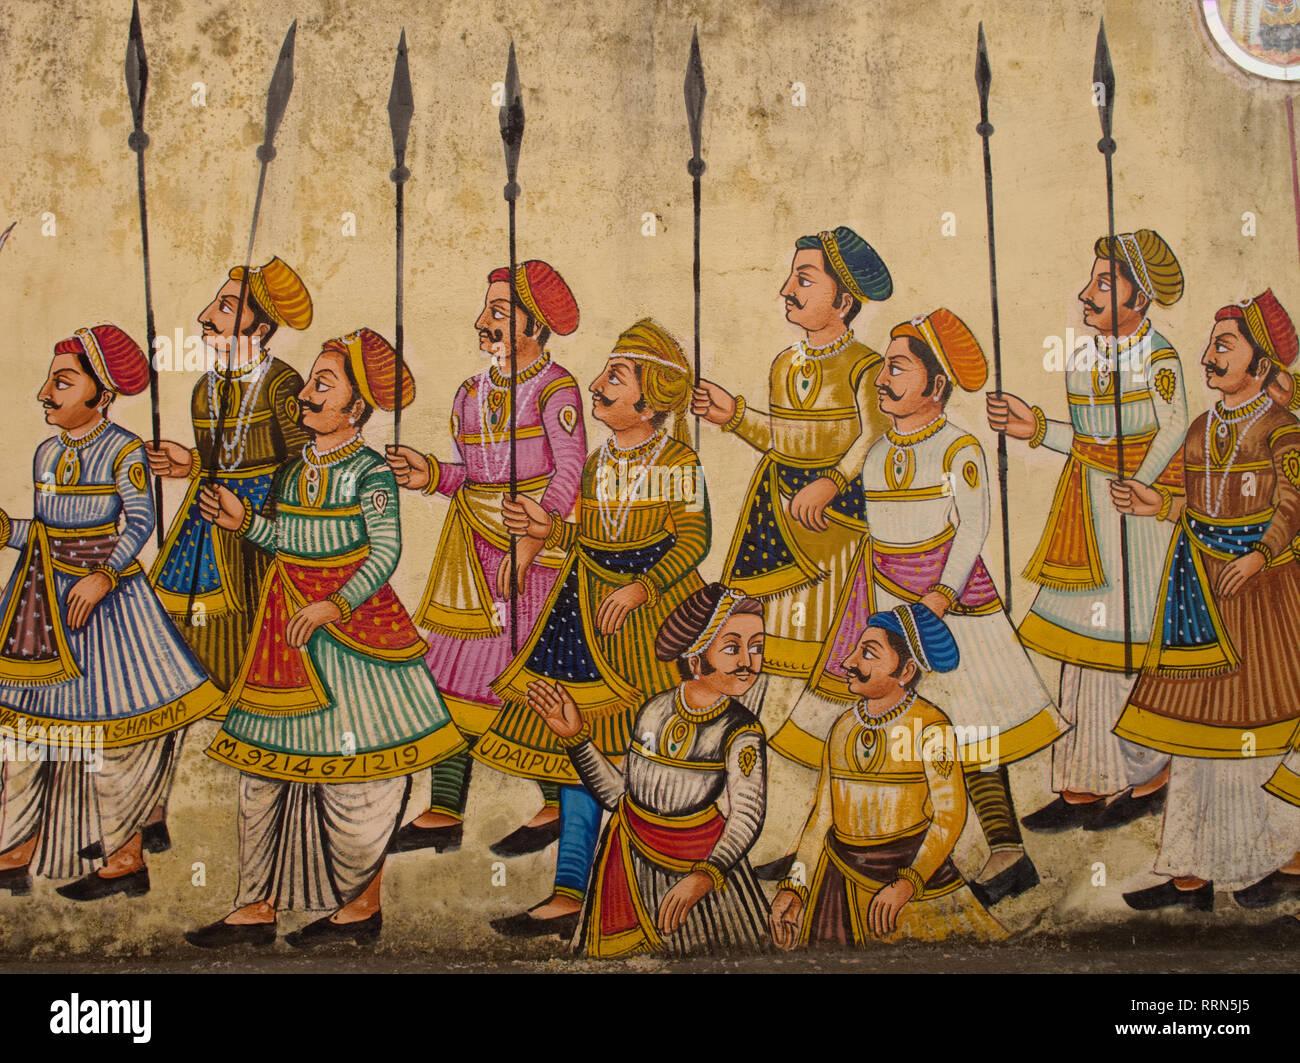 Un muro dipinto in un hotel in Udaipur, Rajasthan, India, visualizzazione di un corteo reale con Rajput soldati Immagini Stock